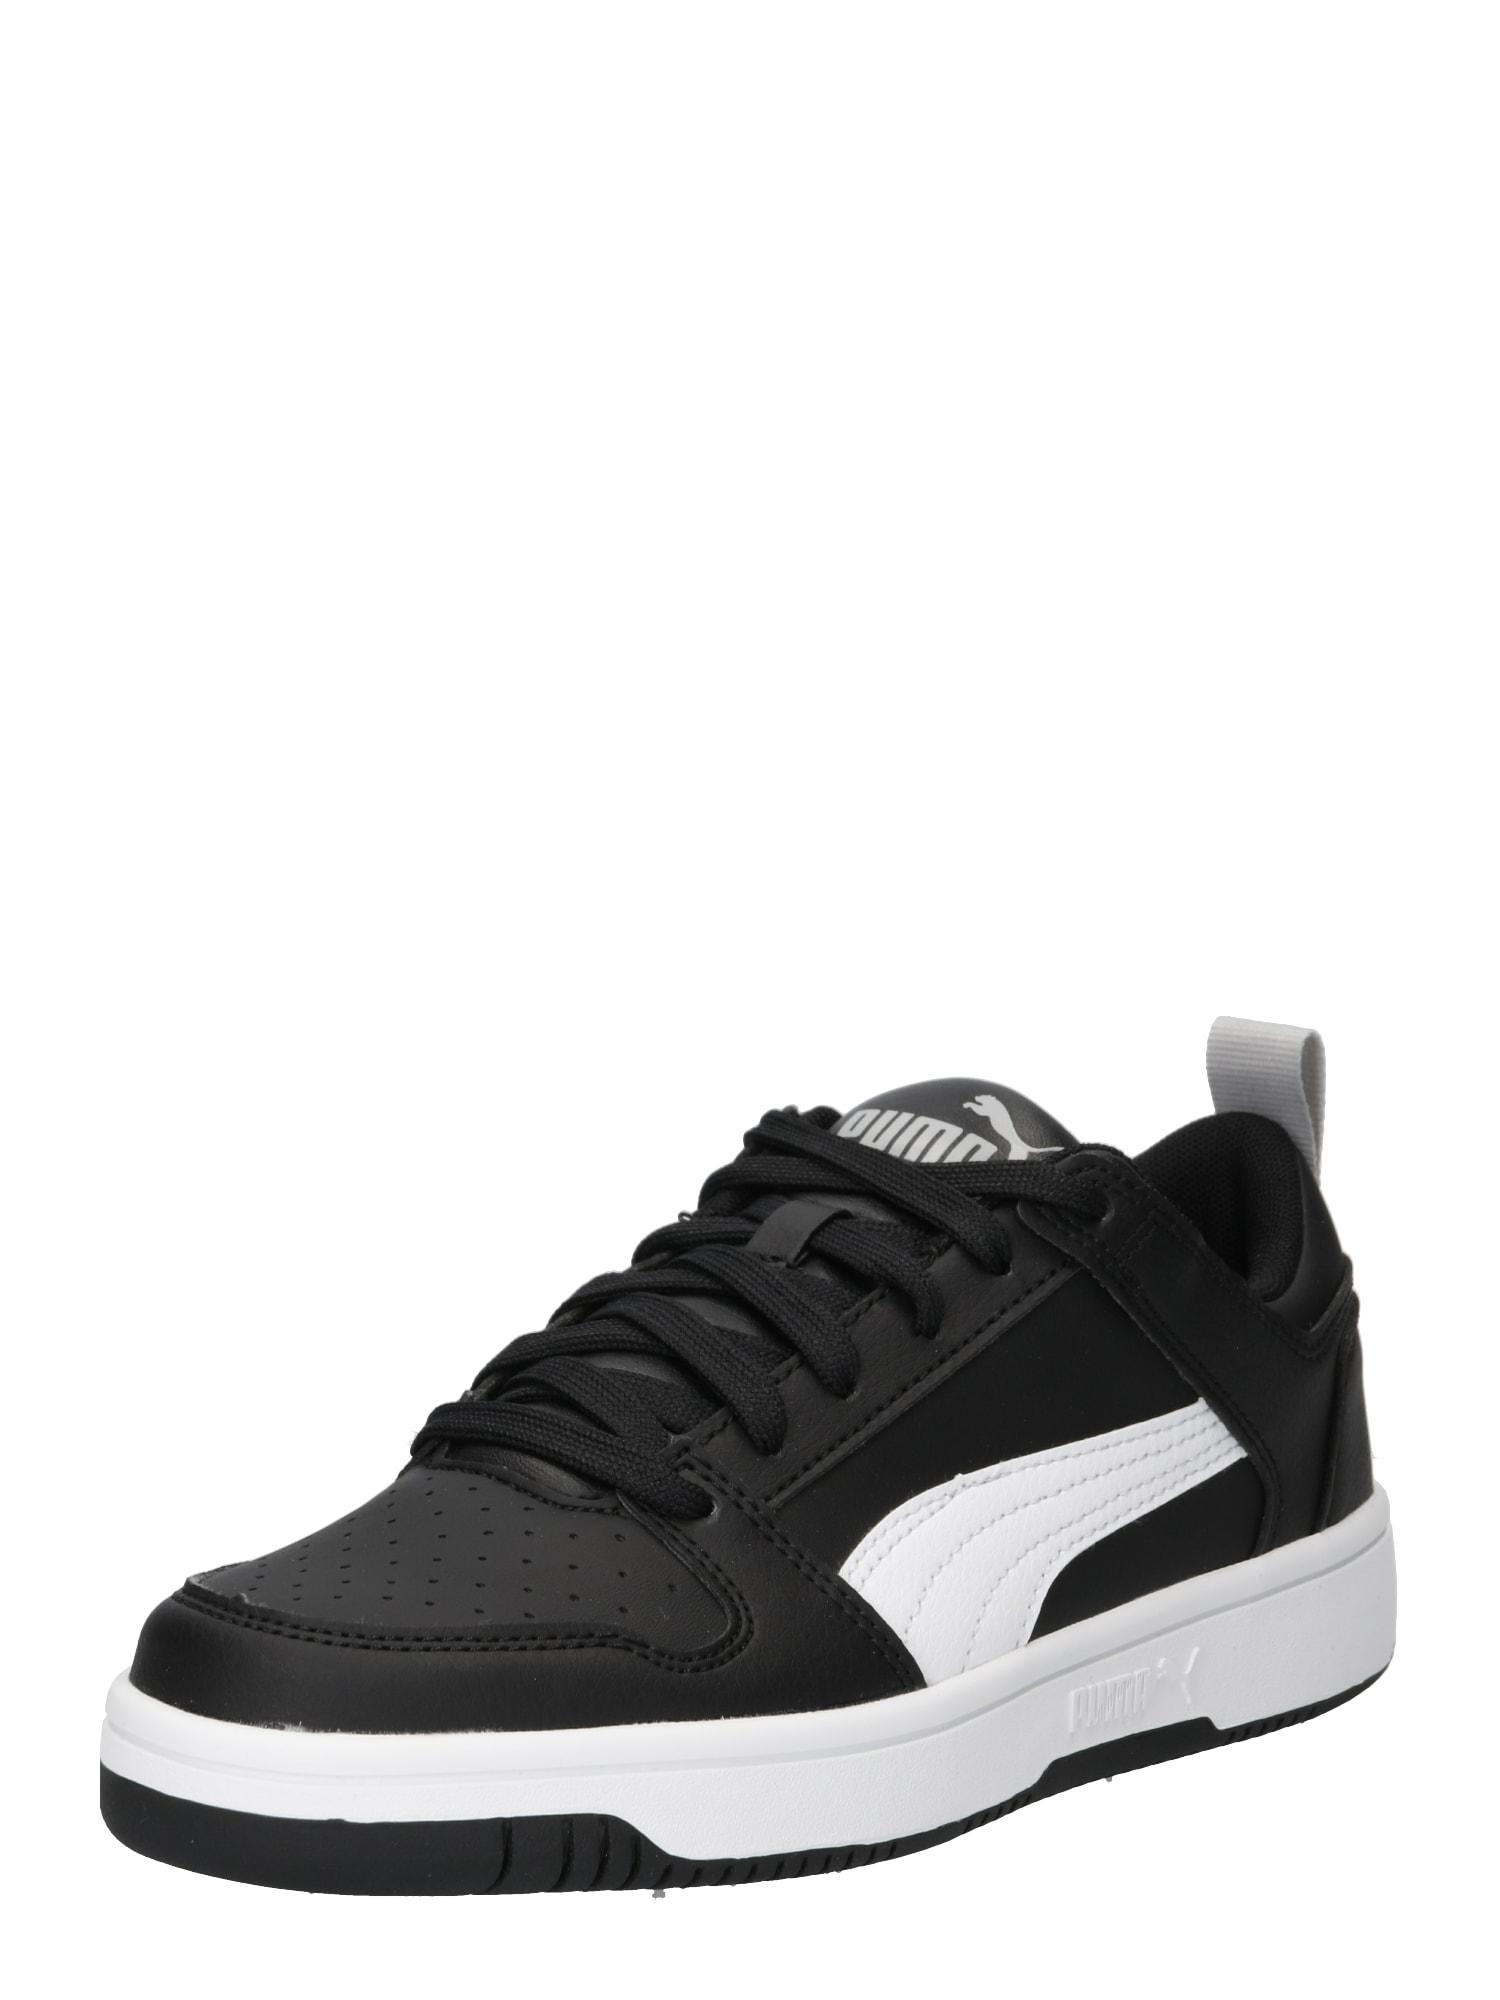 Sportovní boty Puma Rebound Layup Lo SL Jr černá bílá PUMA